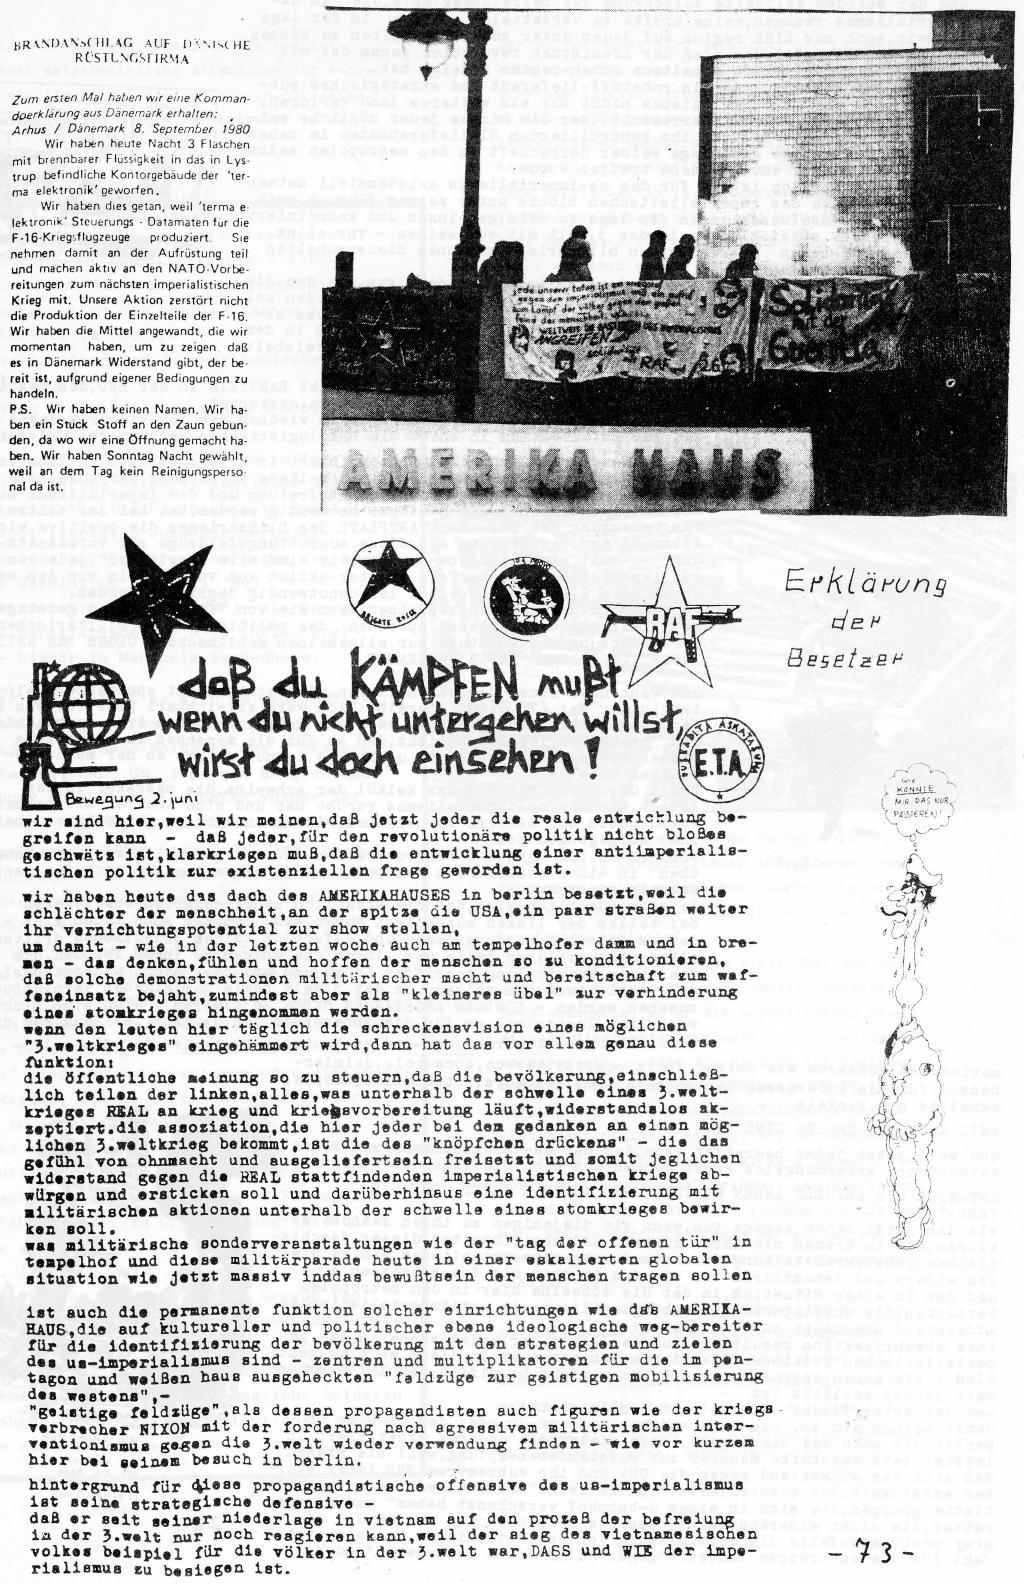 Bremen_1980_NATO_Broschuere_73